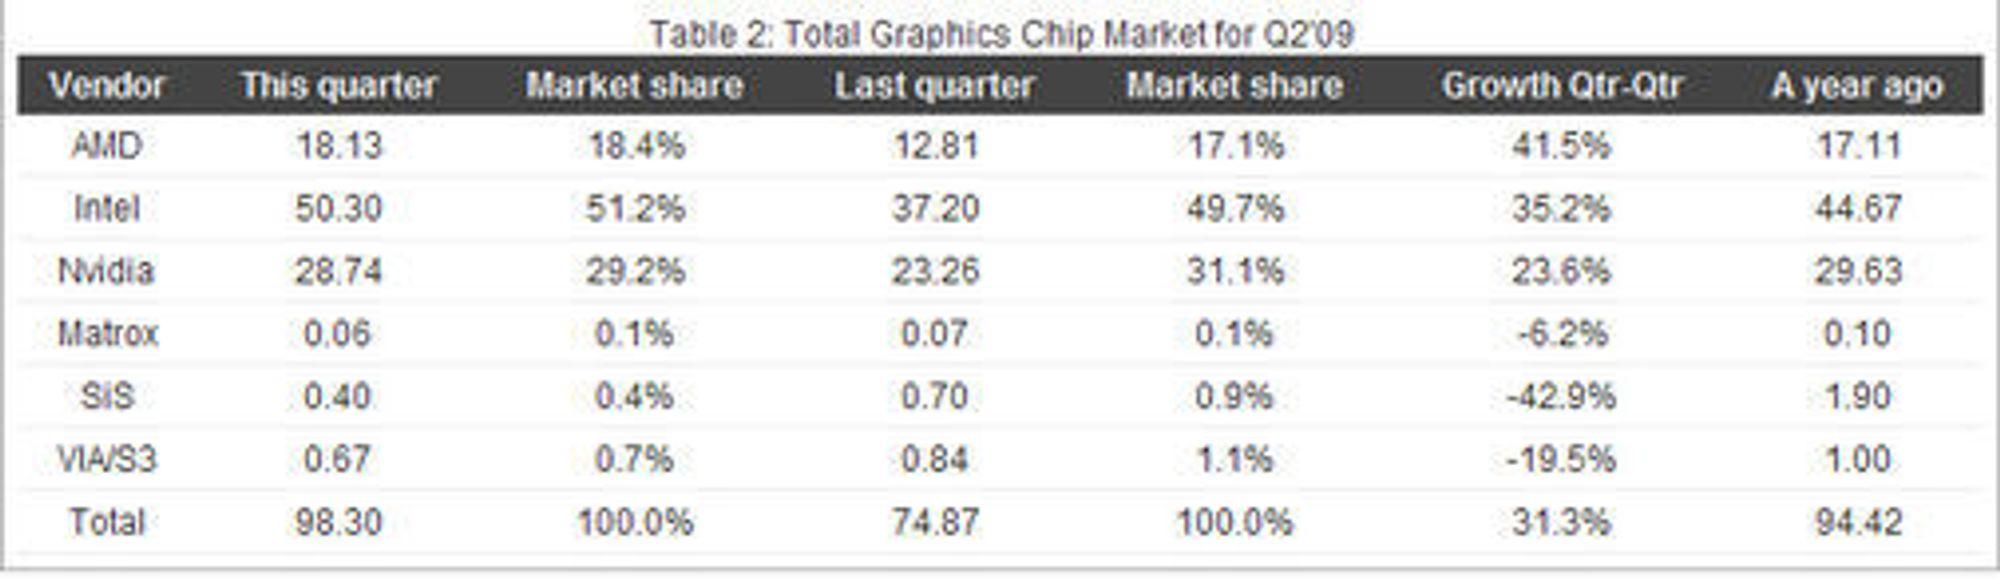 Kvartalstall for grafikkbrikkemarkedet, levert at JPR. Tallene gjelder antallet leverte grafikkbrikker.